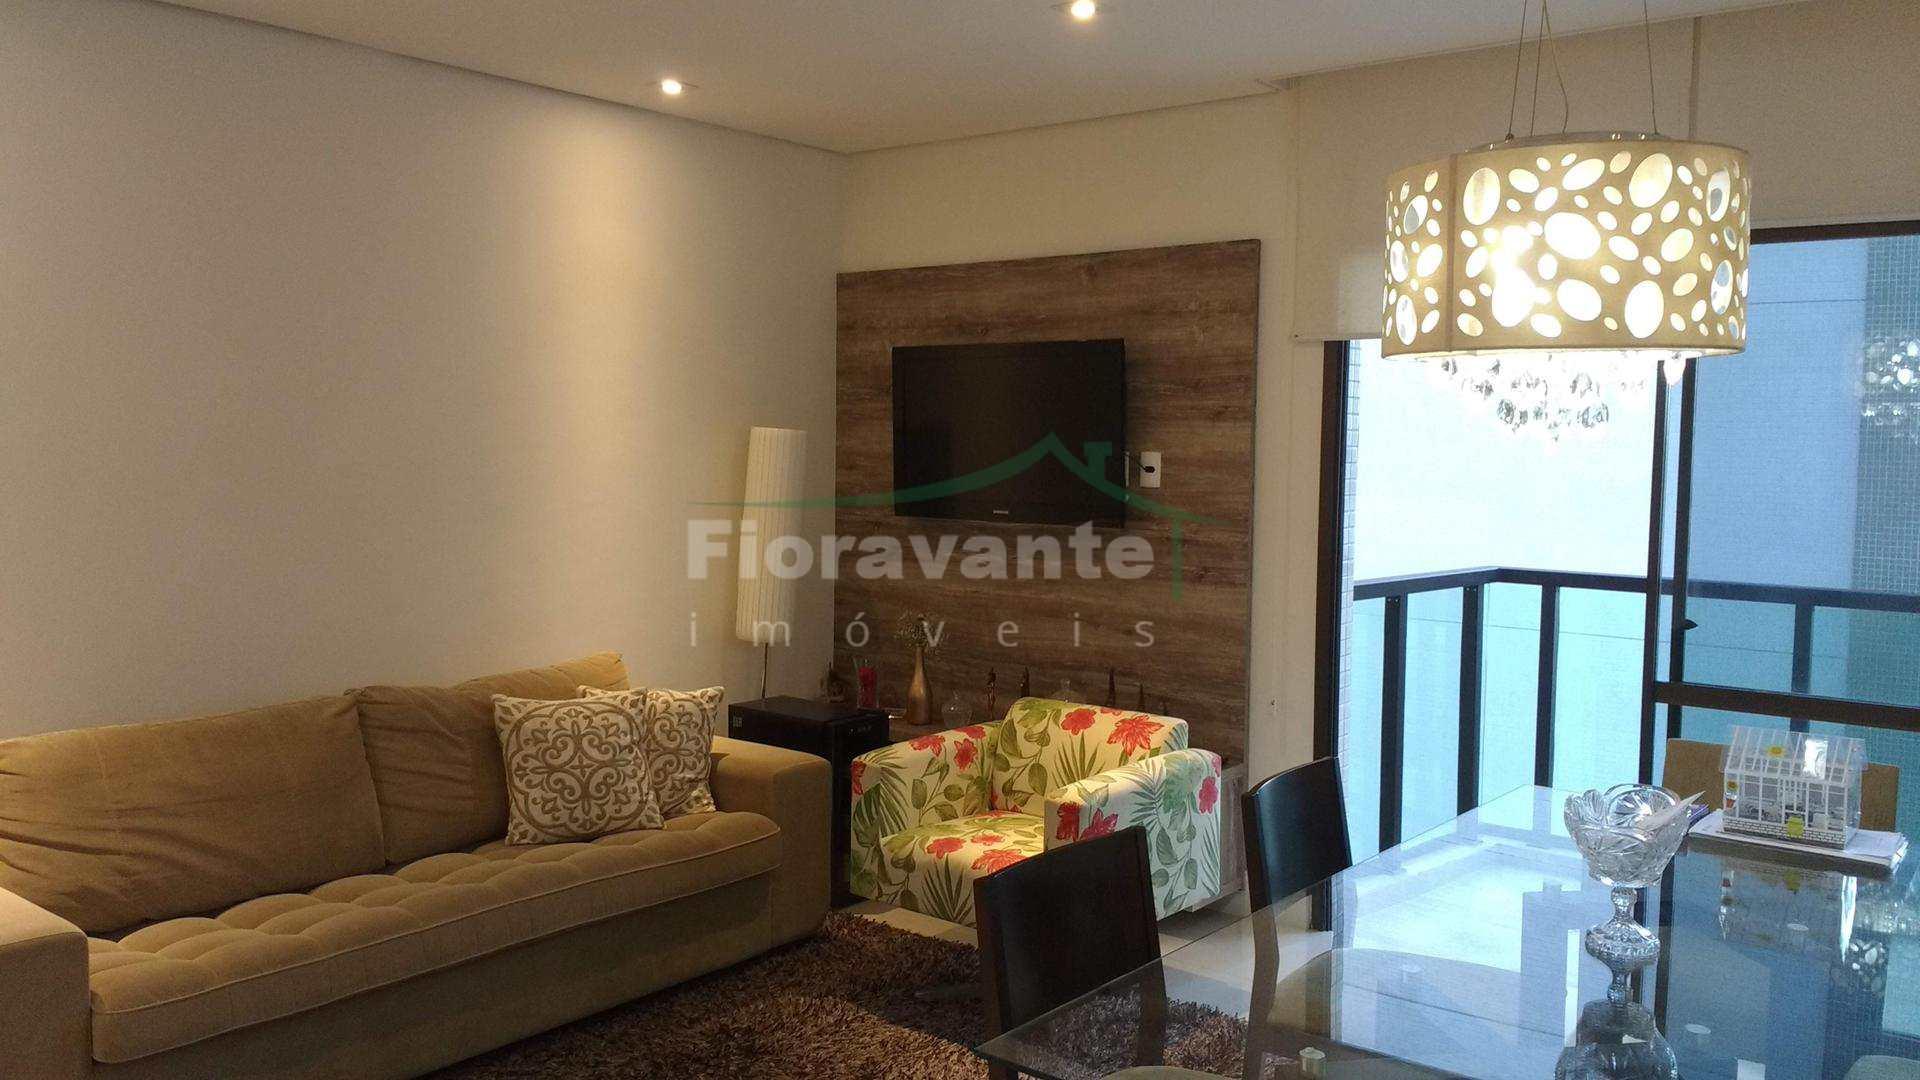 Apartamento em Santos no Boqueirão. Prédio na avenida da praia, apartamento reformado com decoração moderna, piso em porcelanato, rico em planejados. Sala com terraço e vista para o mar.